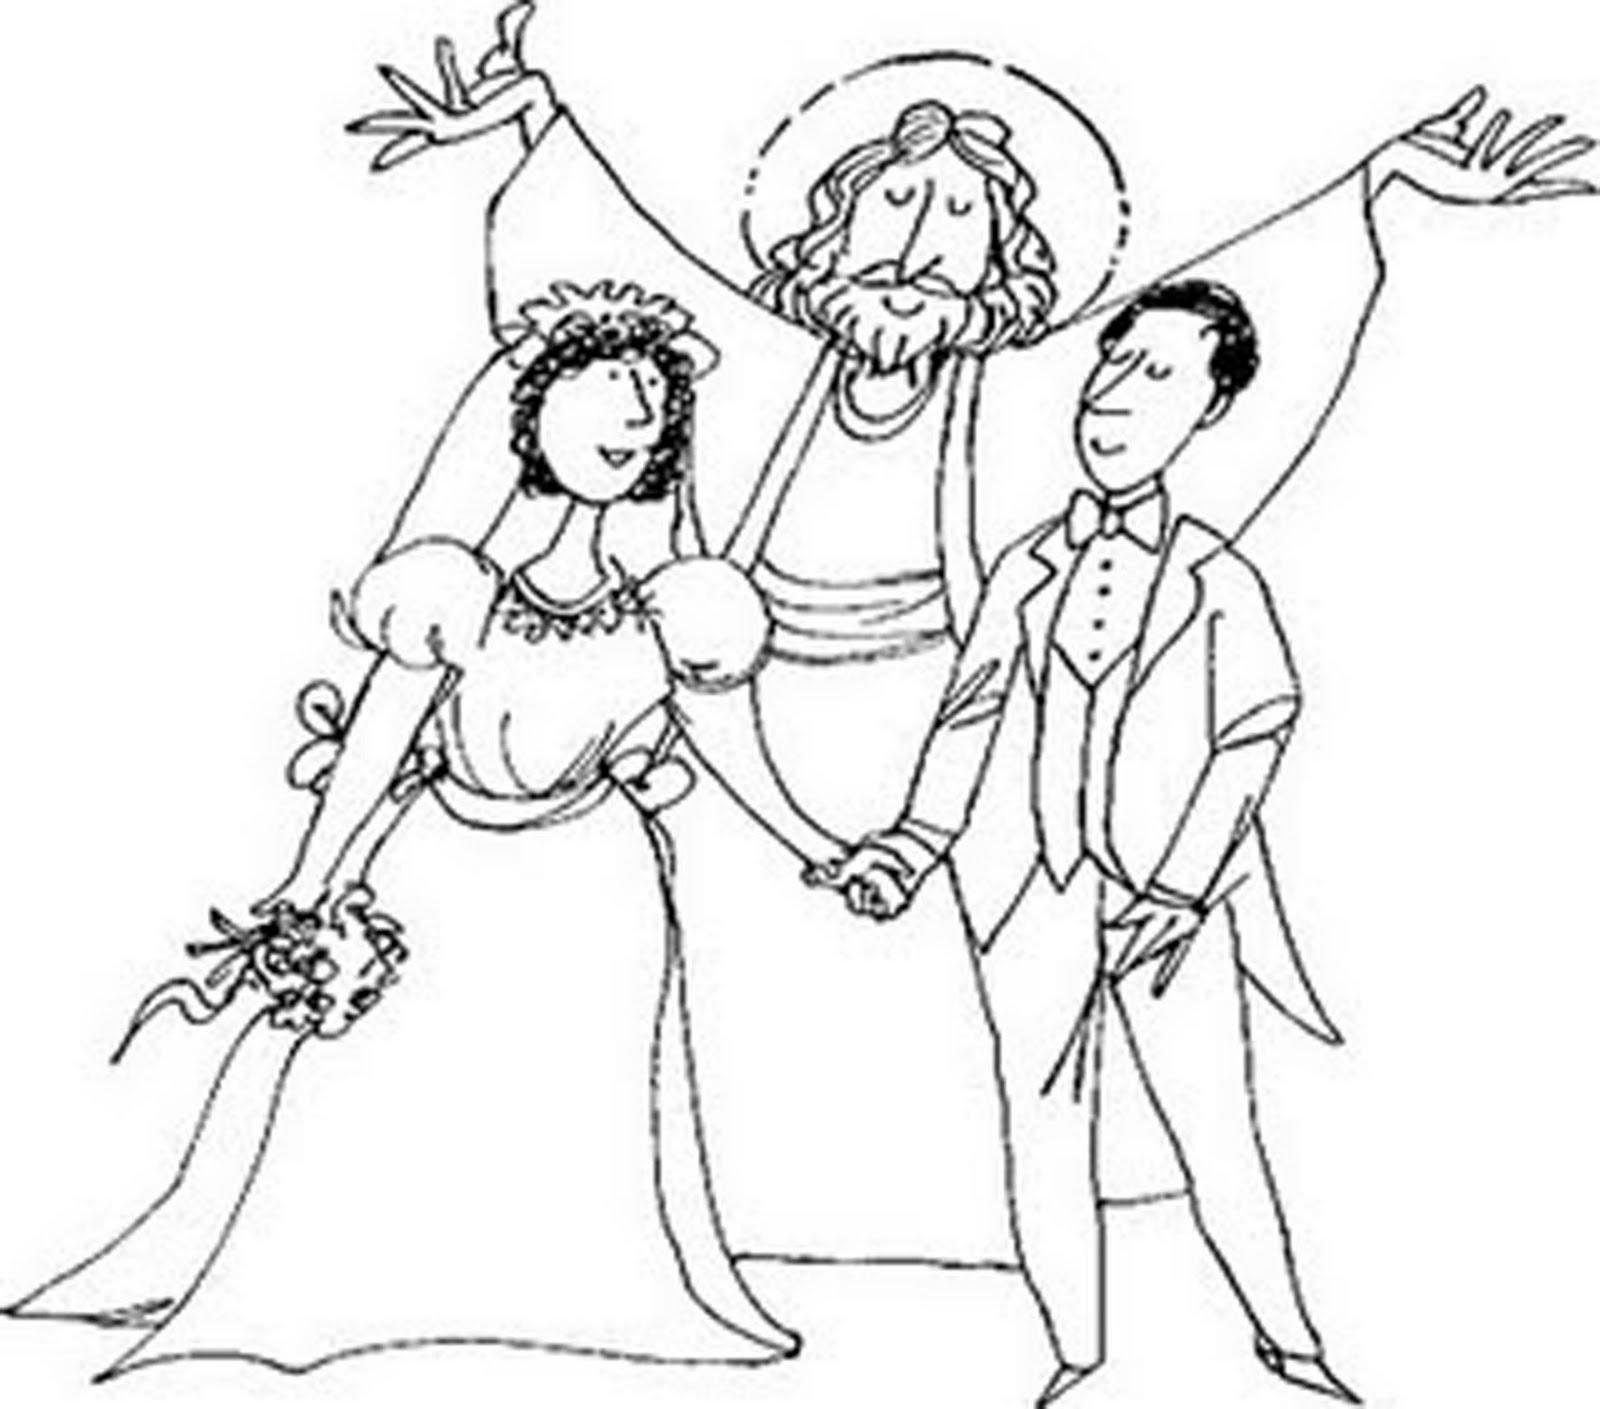 Matrimonio Catolico Para Dibujar : O sacramento do matrimônio fraternidade são luchésio e